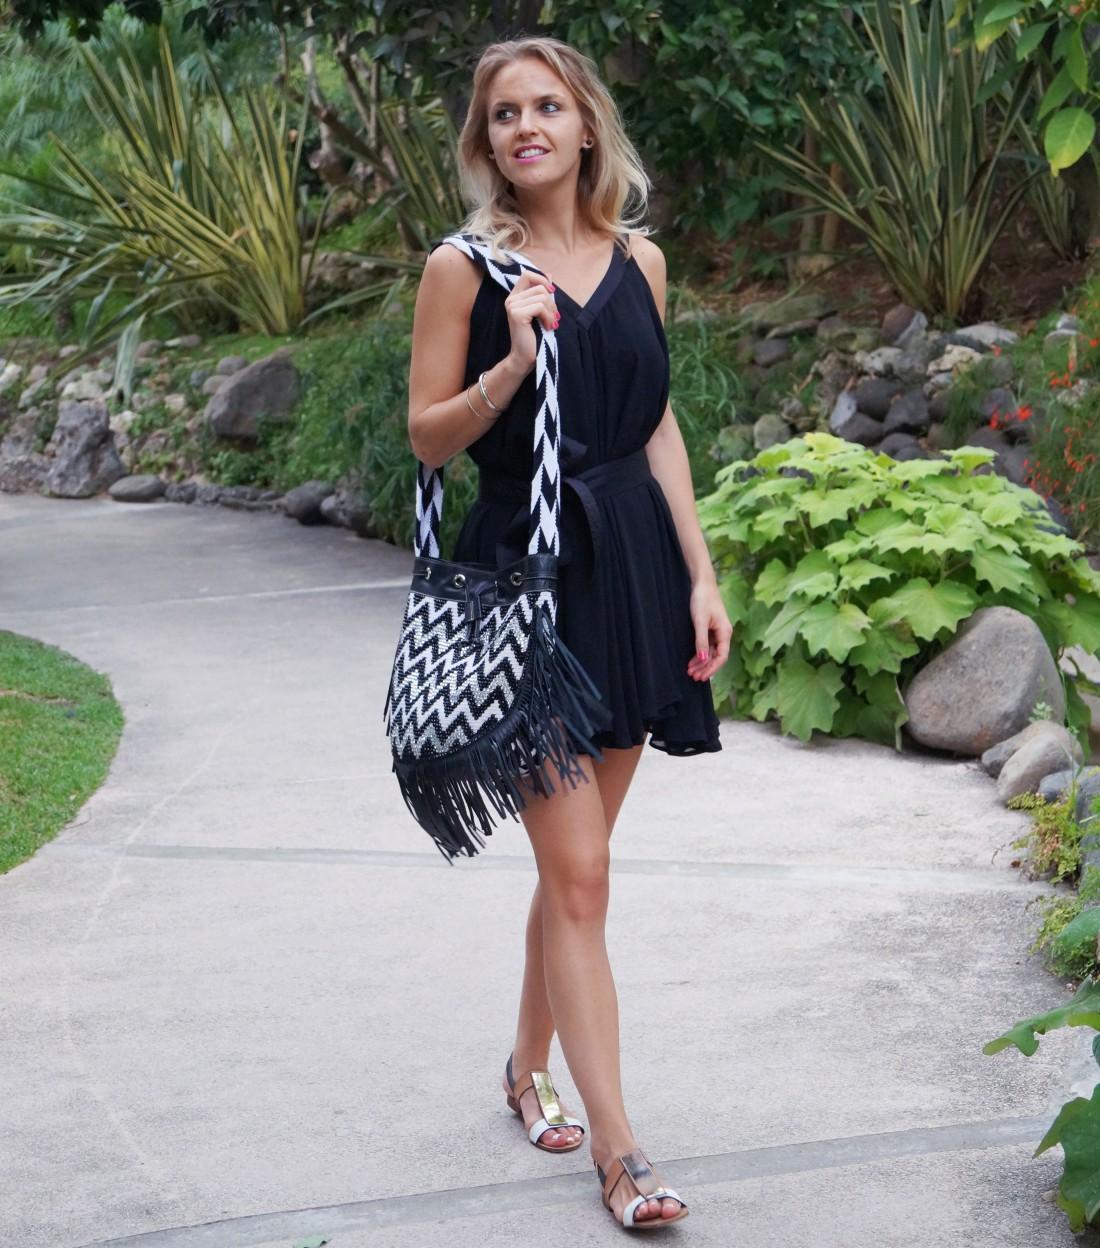 Bag at You - Fashion blog - La Bendicion Shoulder bag - Wayuu Colombia - Walking in Puento Romano